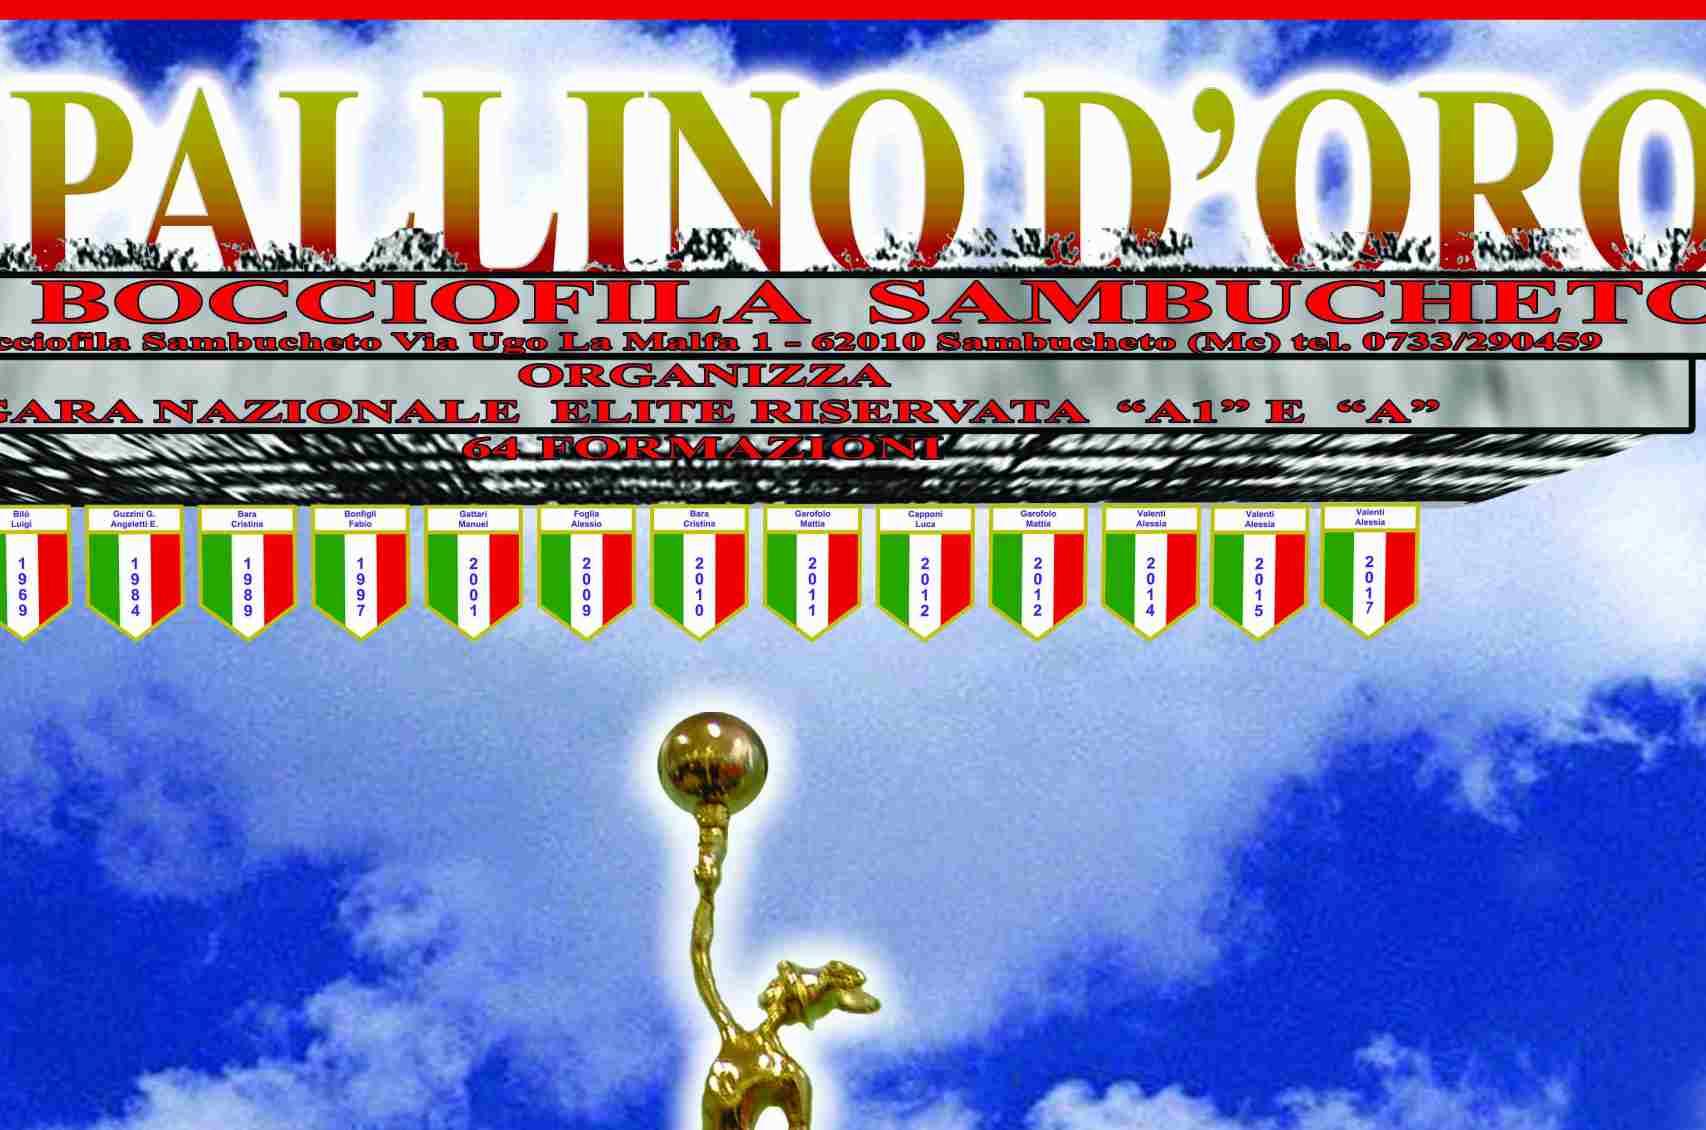 pallinodoro2018